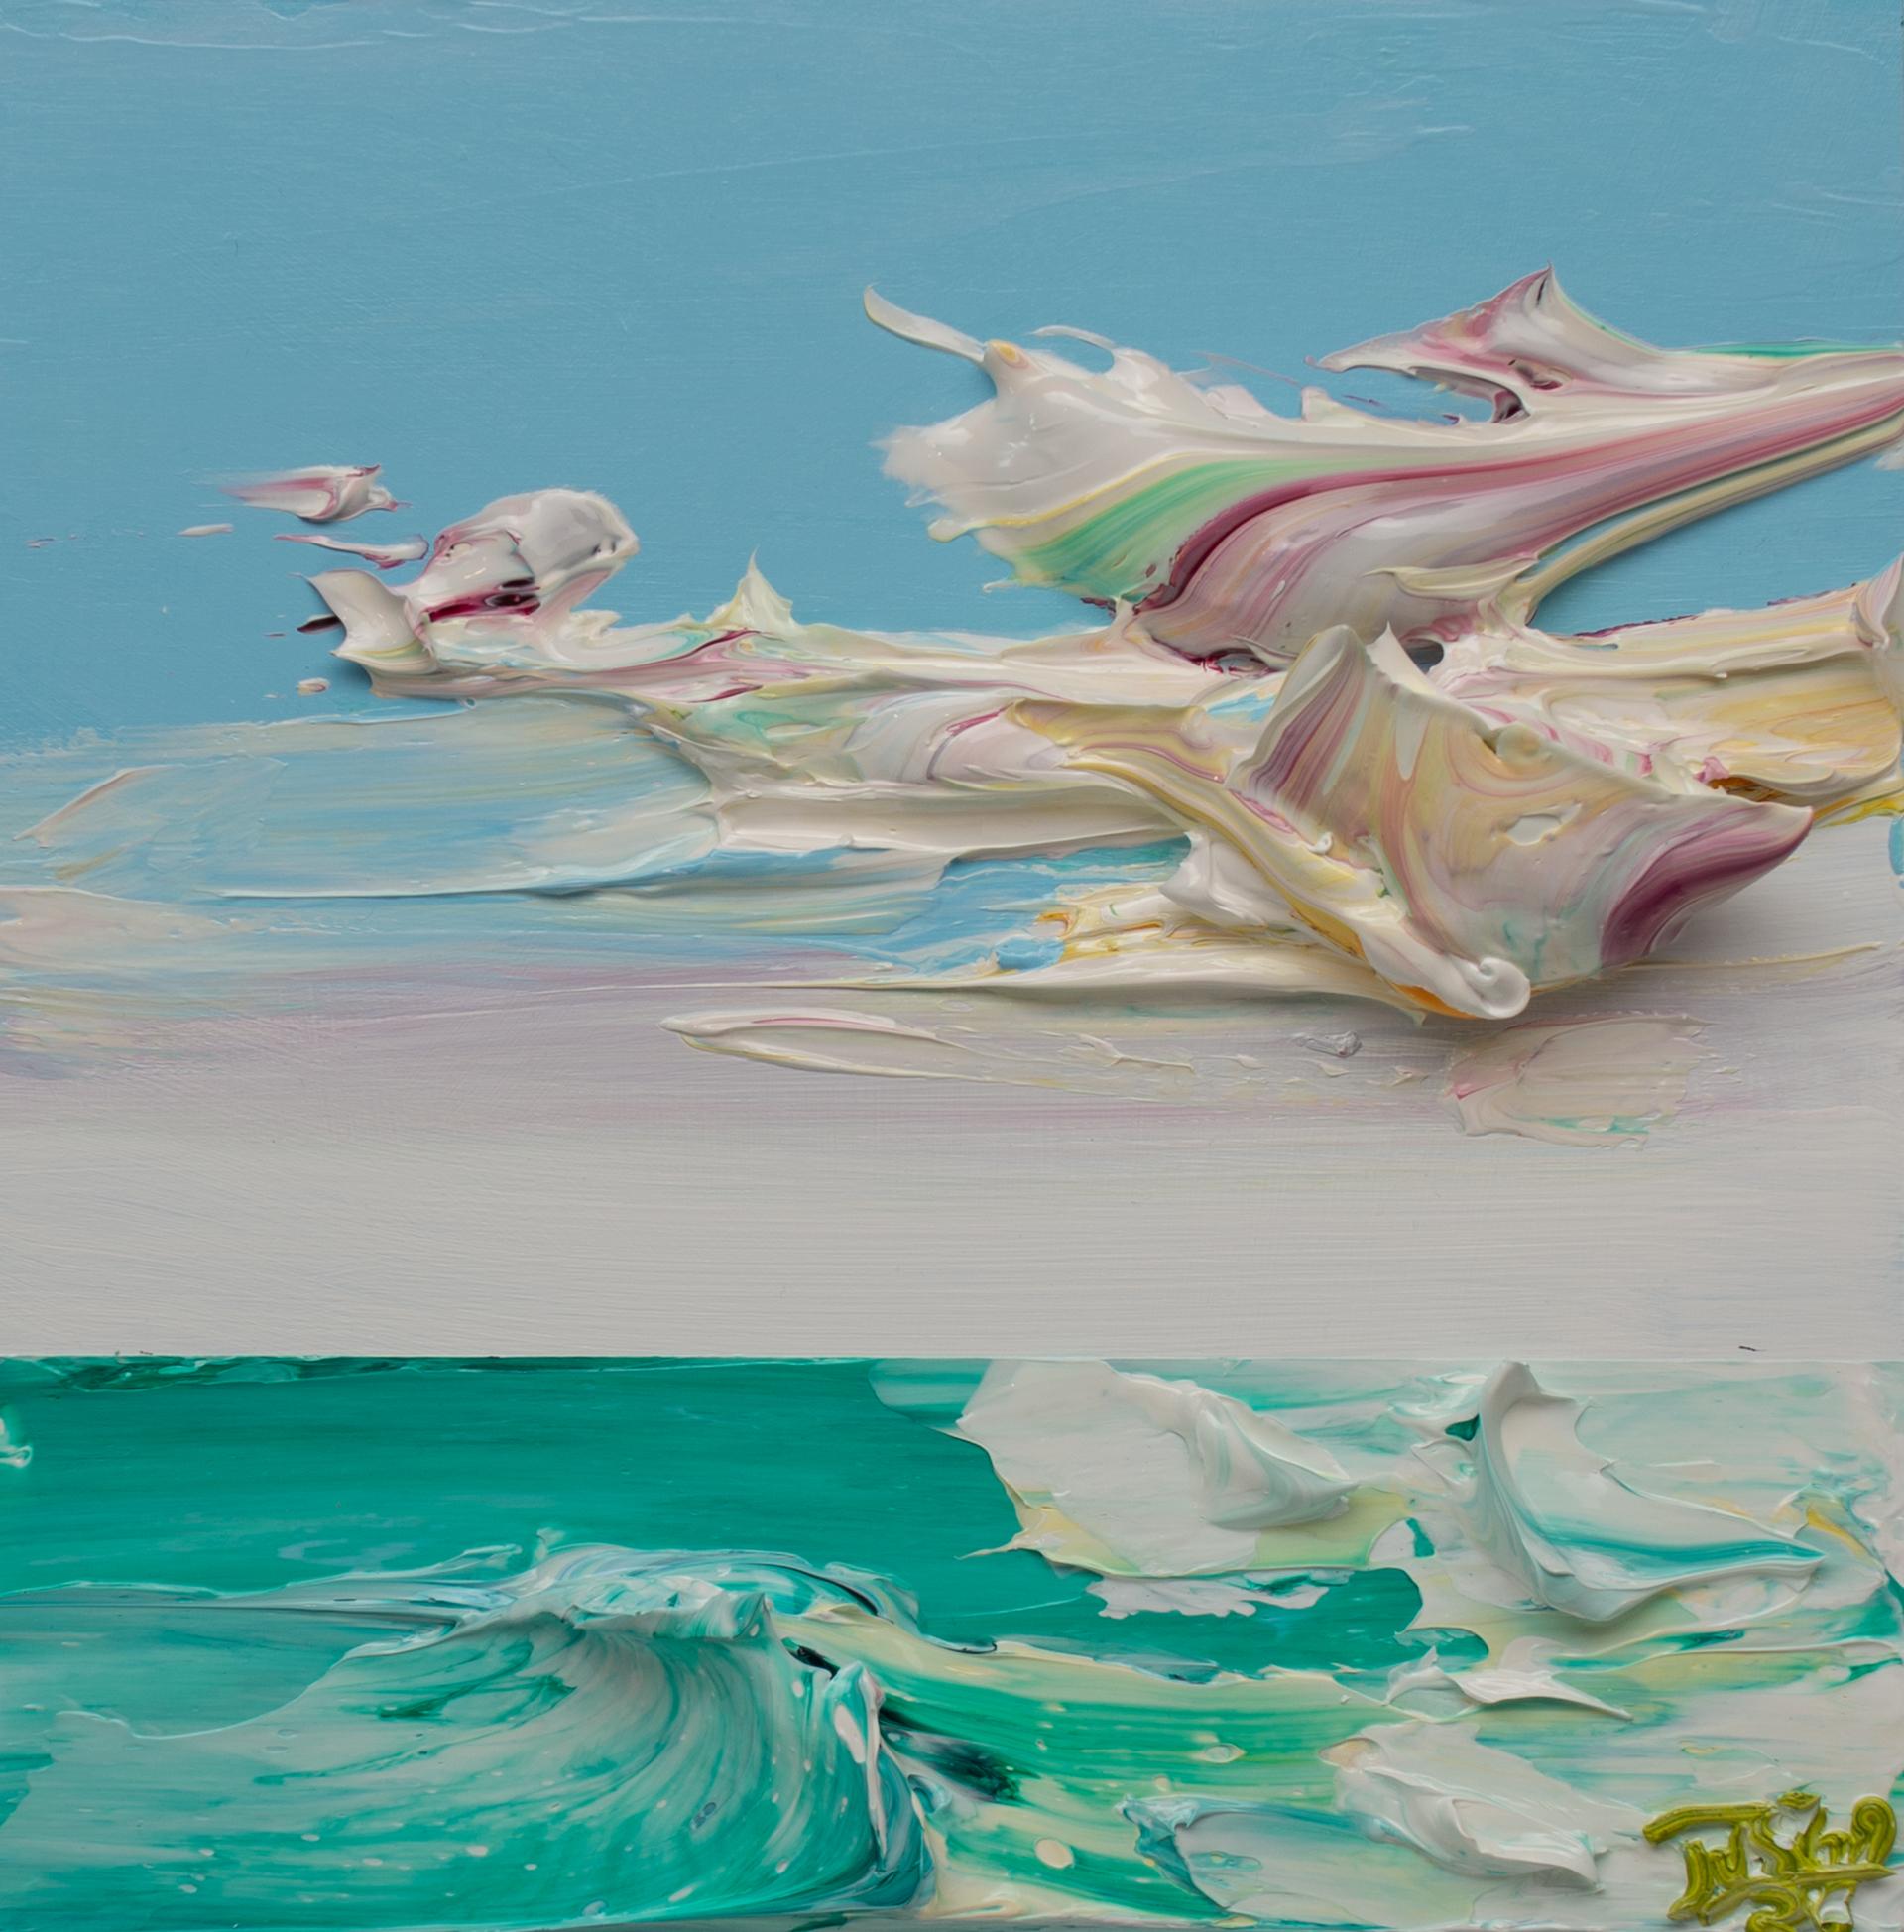 SEASCAPE SS-12x12-2020-056 by JUSTIN GAFFREY